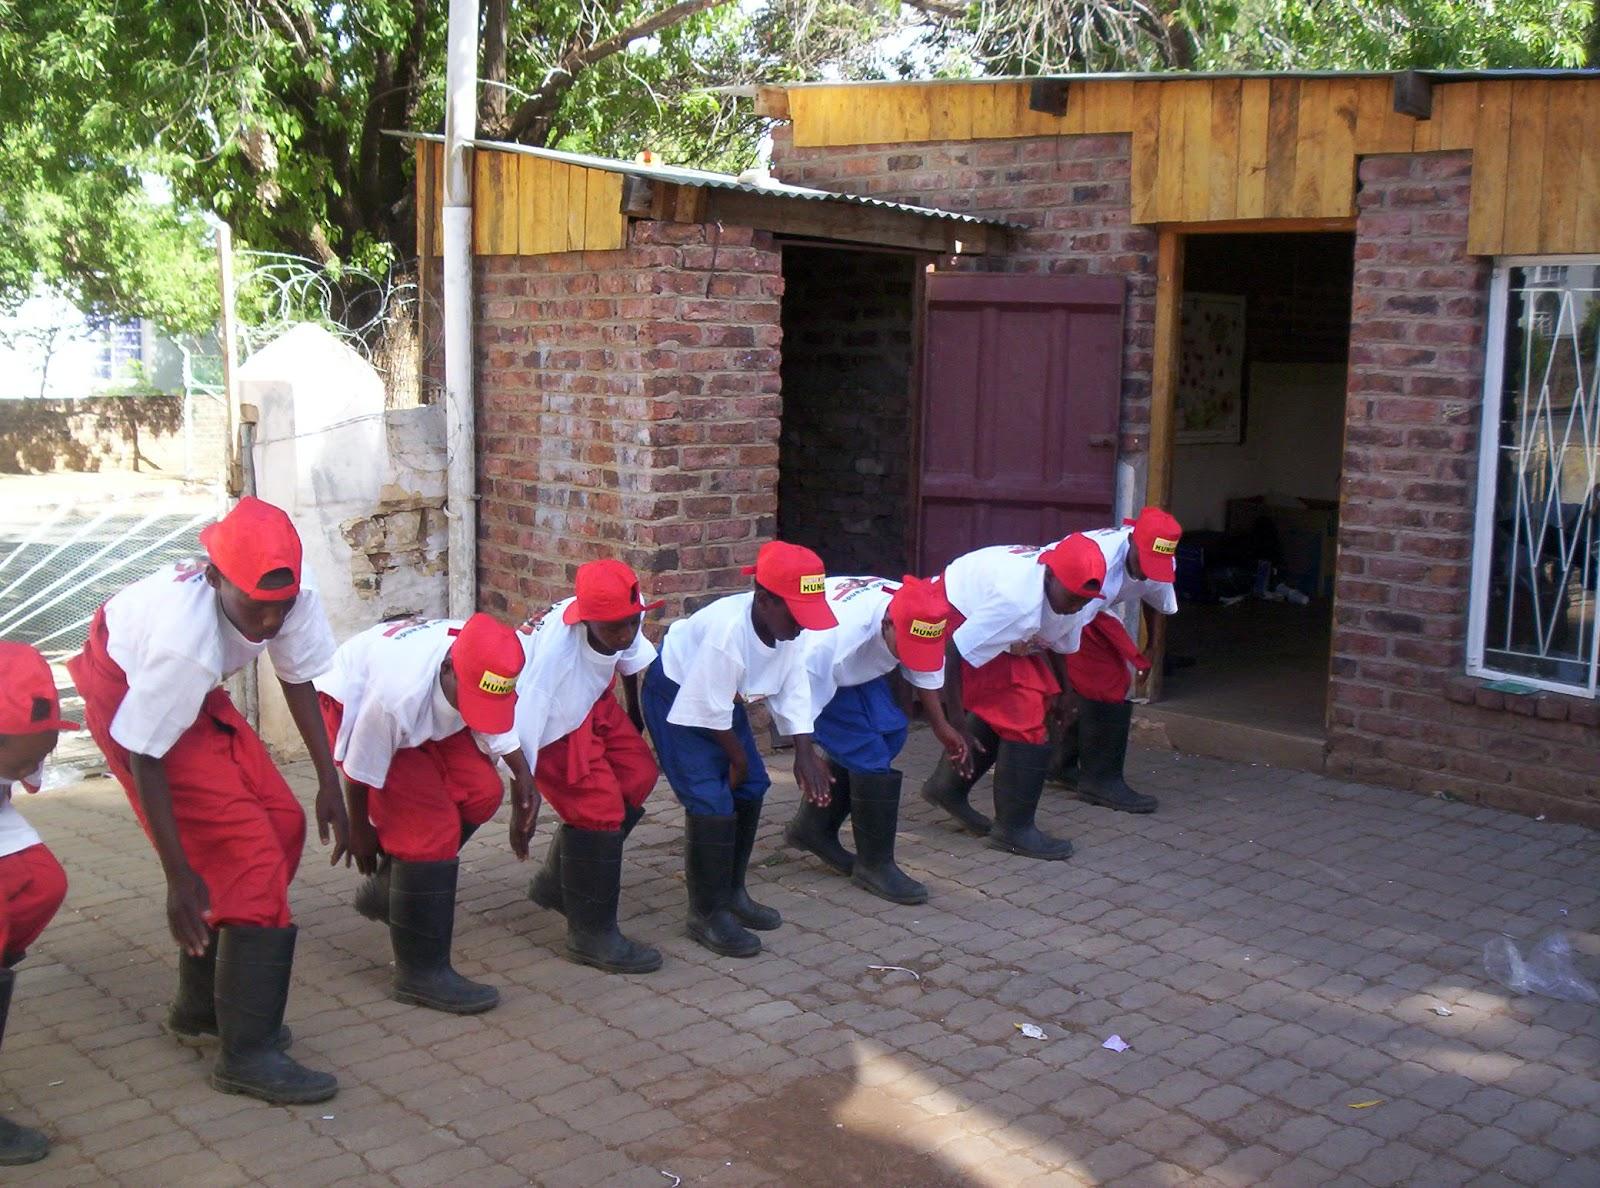 http://2.bp.blogspot.com/-guRH6h6Bd5g/T6j2_XRBxZI/AAAAAAAAAn4/kDueWGqaSfI/s1600/Gumboot+dancing+2.JPG